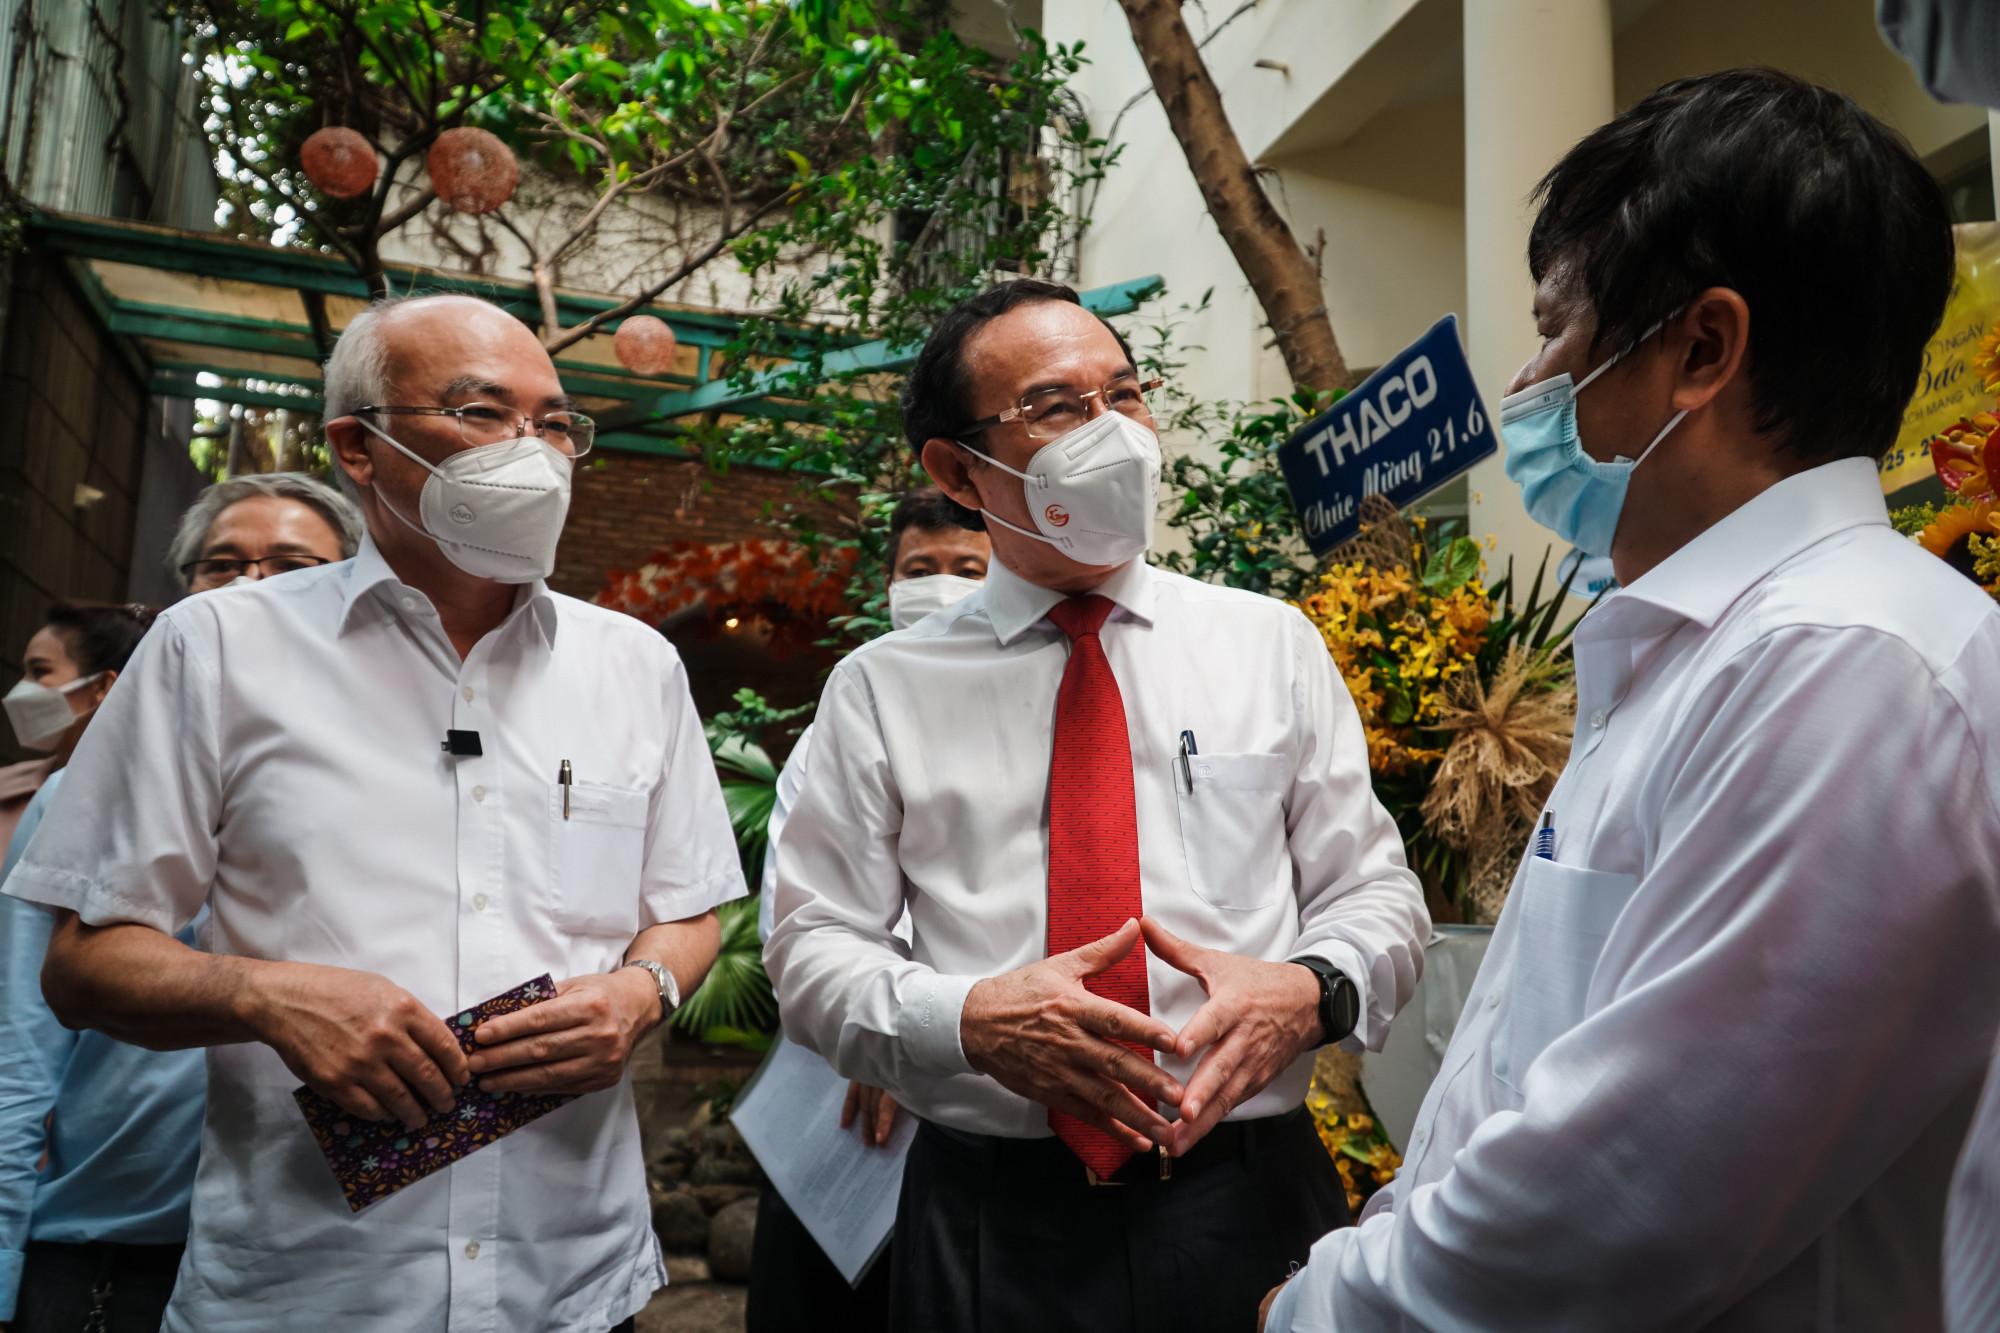 Bí thư Thành Ủy đề cao vai trò của phóng viên, nhà báo trong việc tuyên truyền dịch bệnh COVID-19